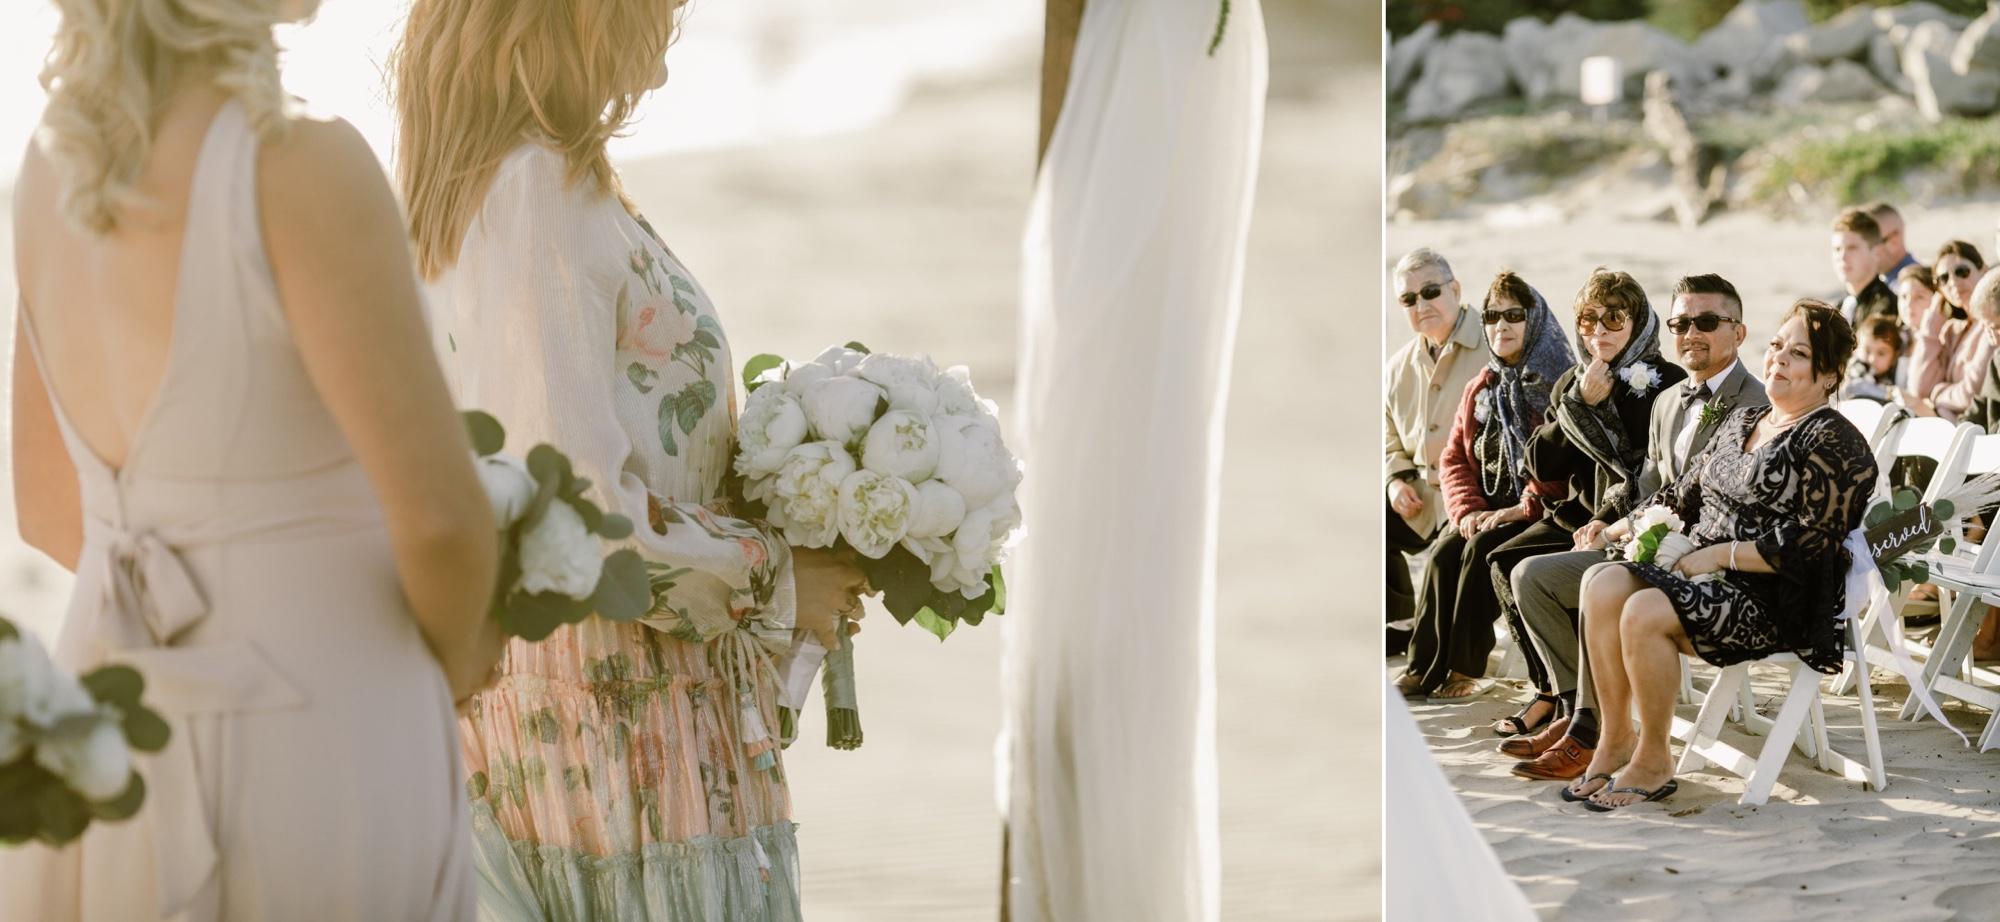 42_Ally and Tommy's Wedding-145_Ally and Tommy's Wedding-148.jpg